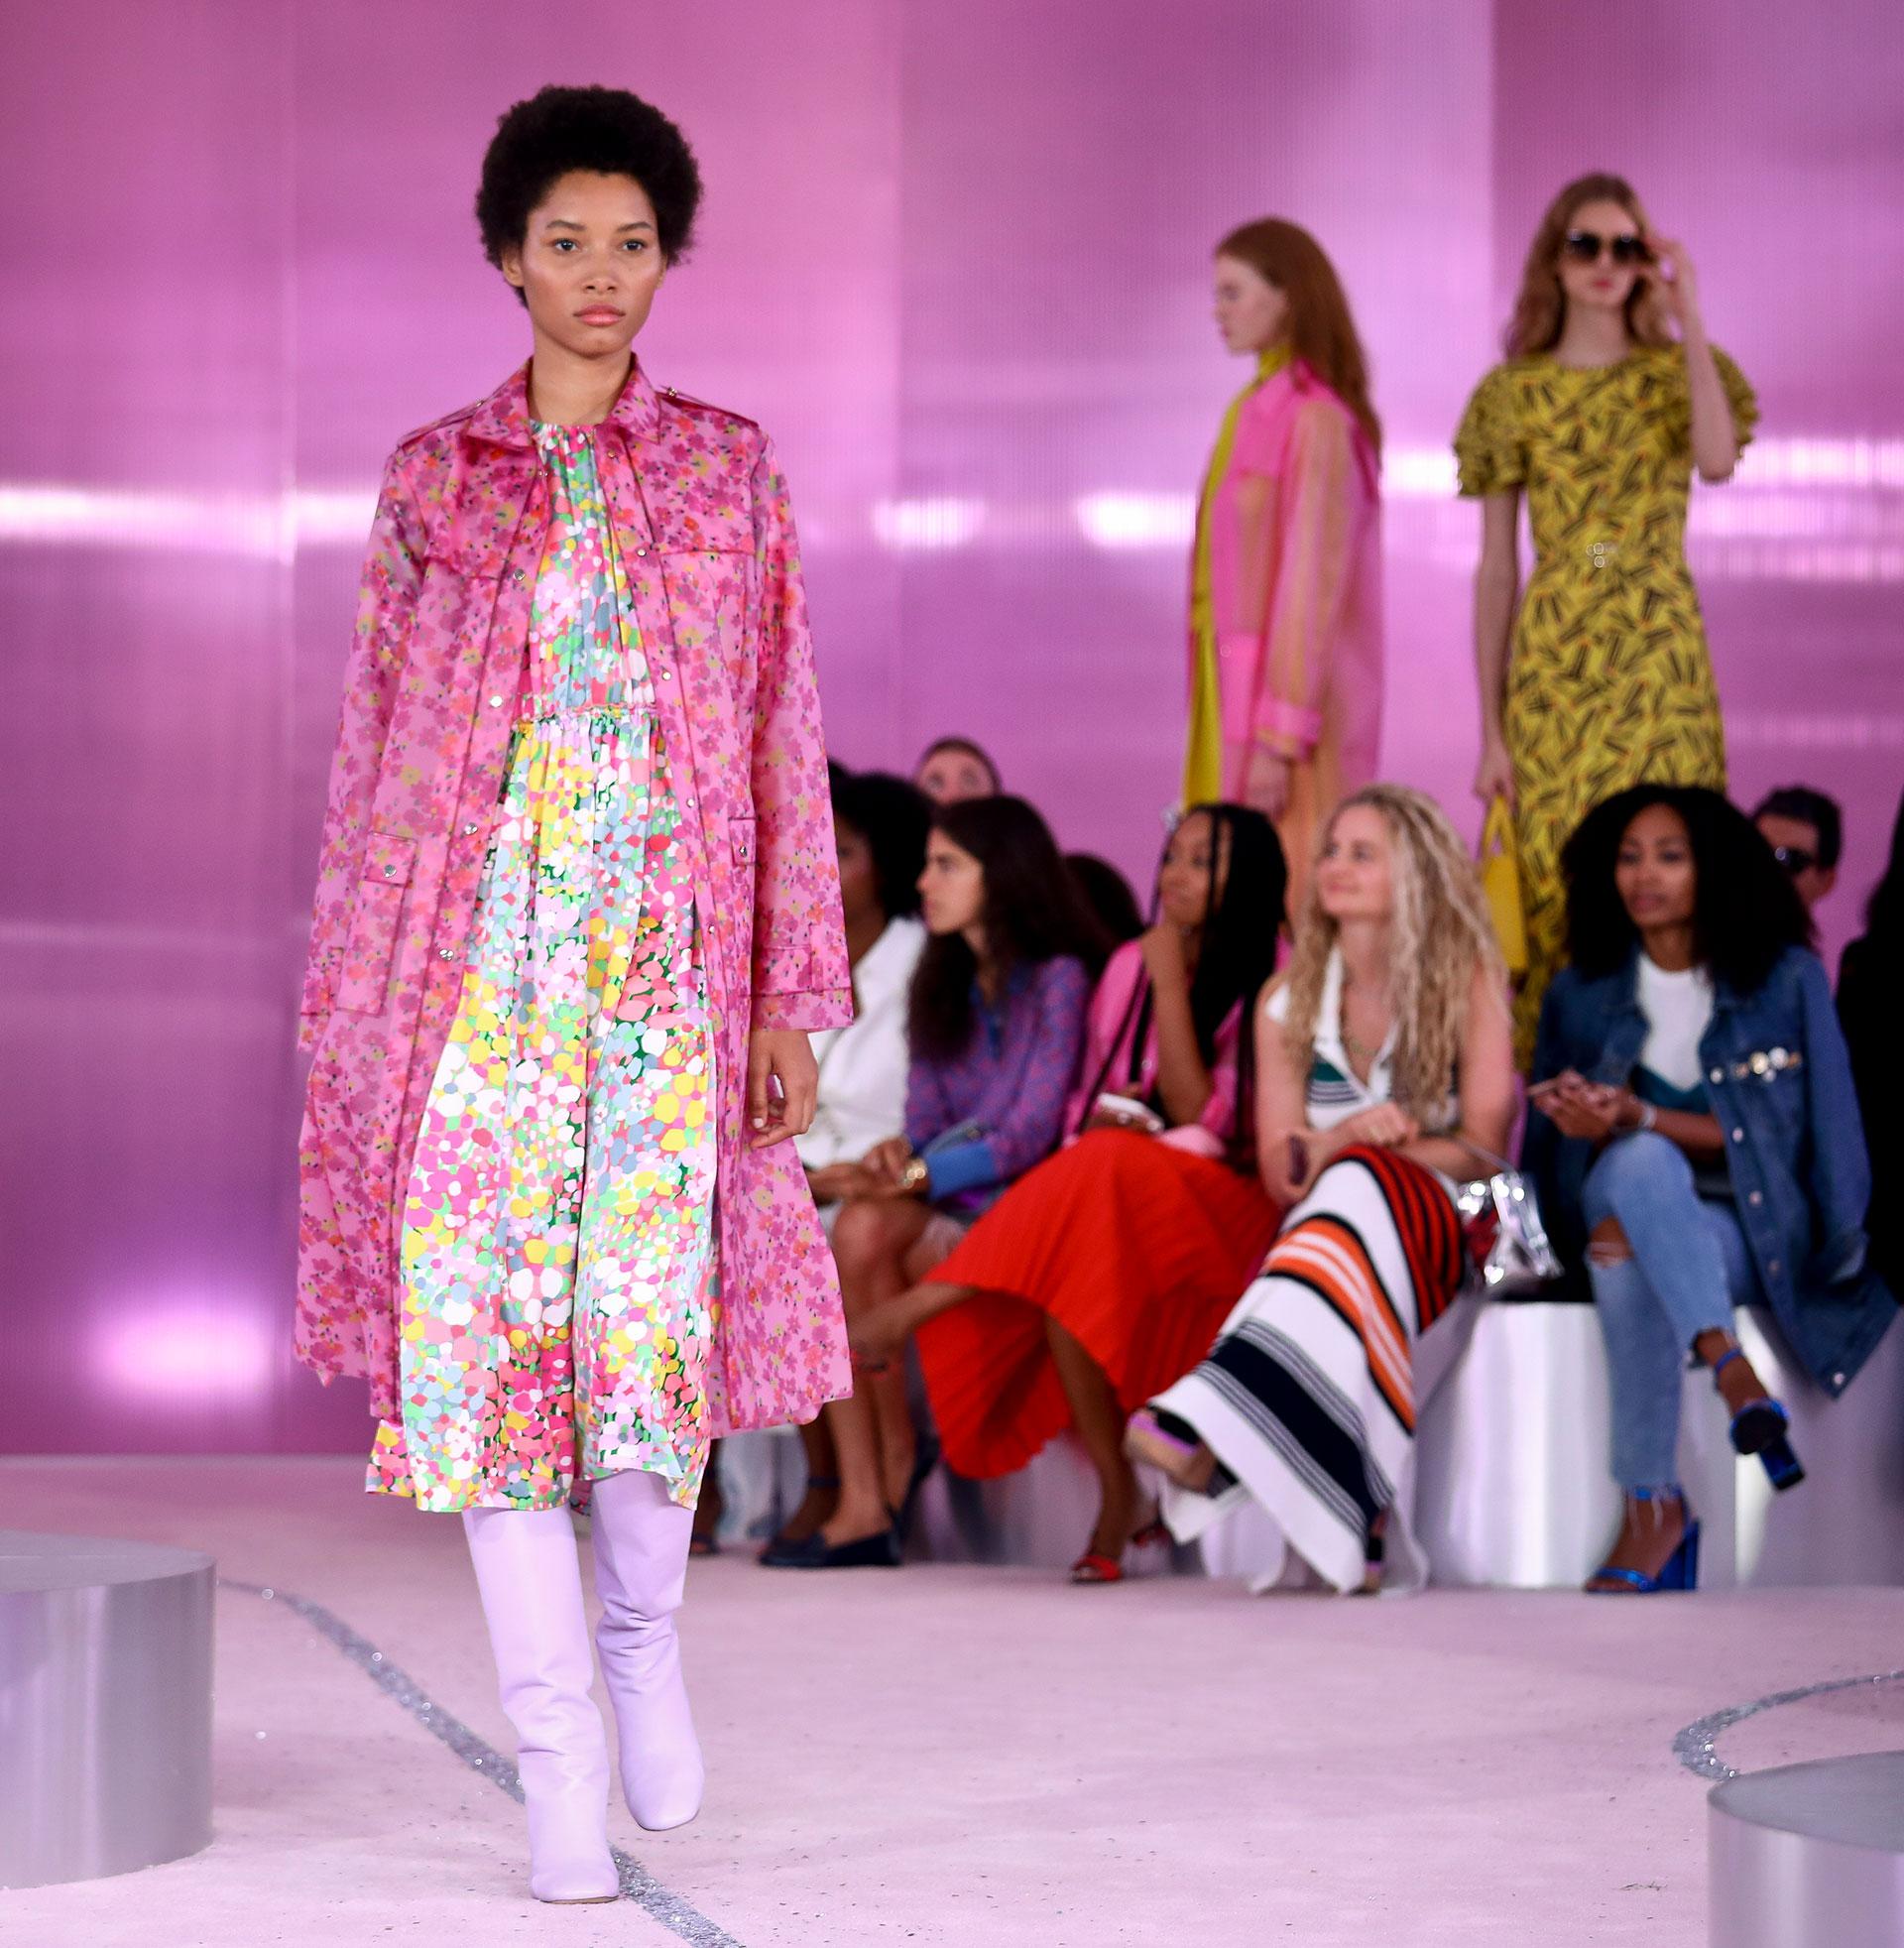 Explosión de colores estridentes, pasteles y estampados florales no faltaron en la colección homenaje a Kate Spade. En pasarela un trench en rosa, fucsia y rojo, vestido multicolor y bucaneras en lila.